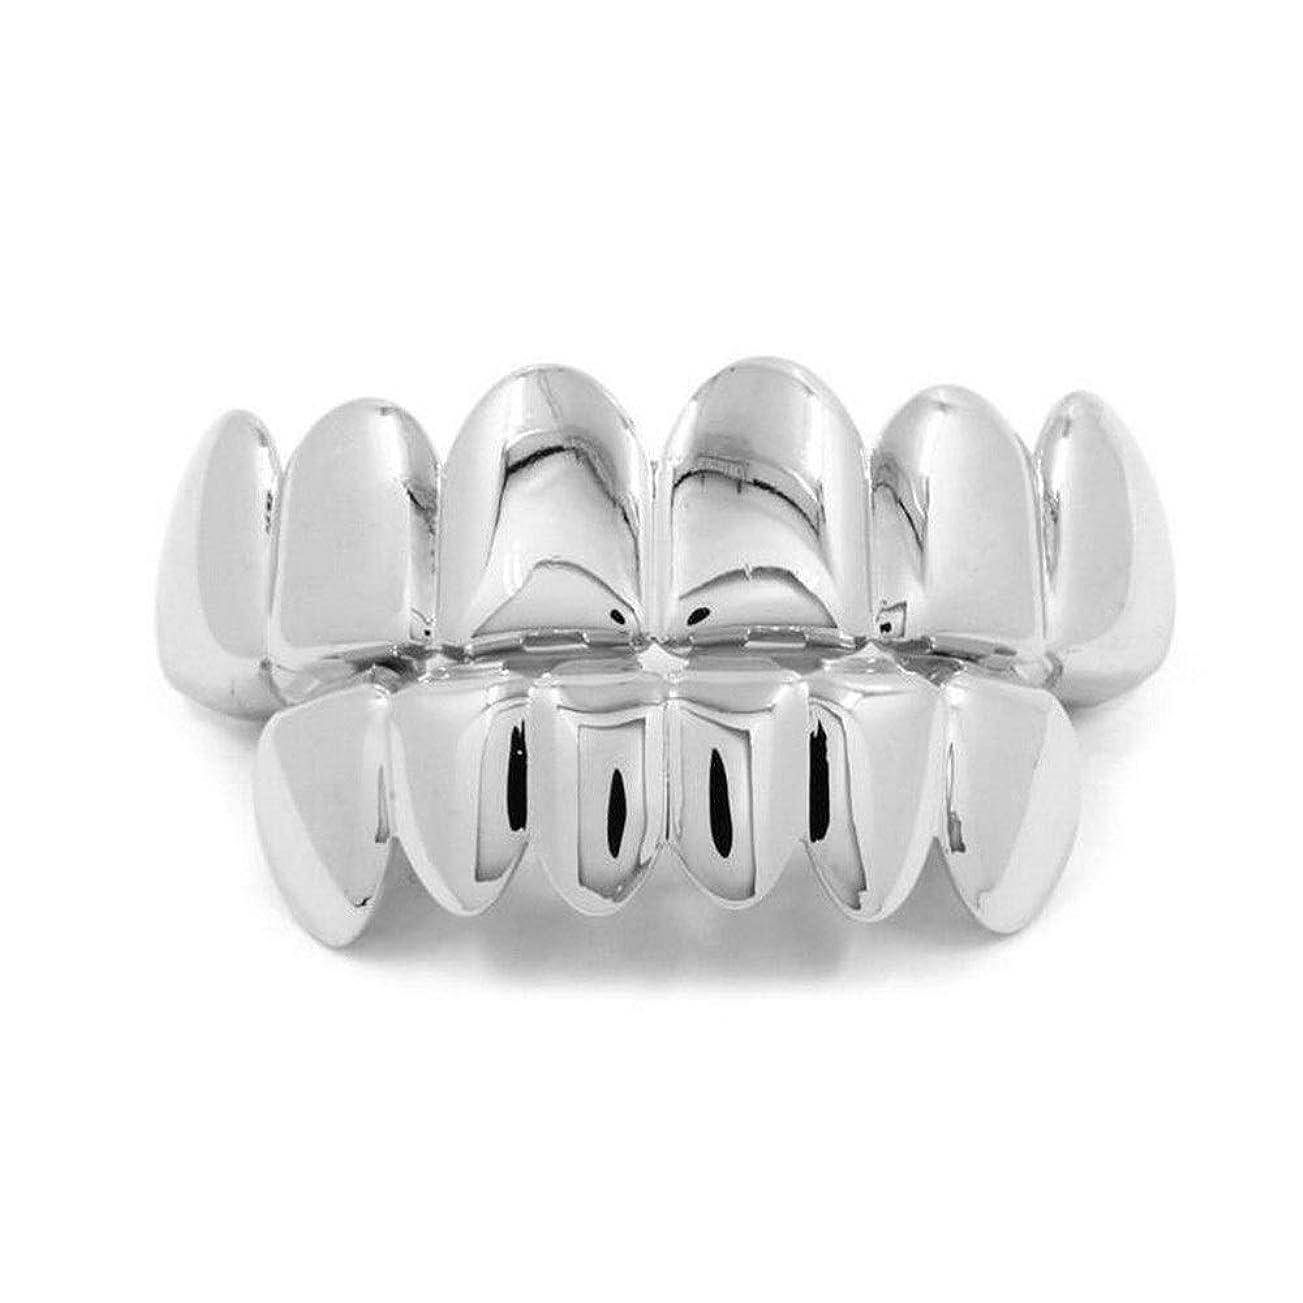 医薬霧深い緑ヨーロッパ系アメリカ人INS最もホットなヒップホップの歯キャップ、ゴールド&ブラック&シルバー歯ブレースゴールドプレート口の歯 (Color : Silver)